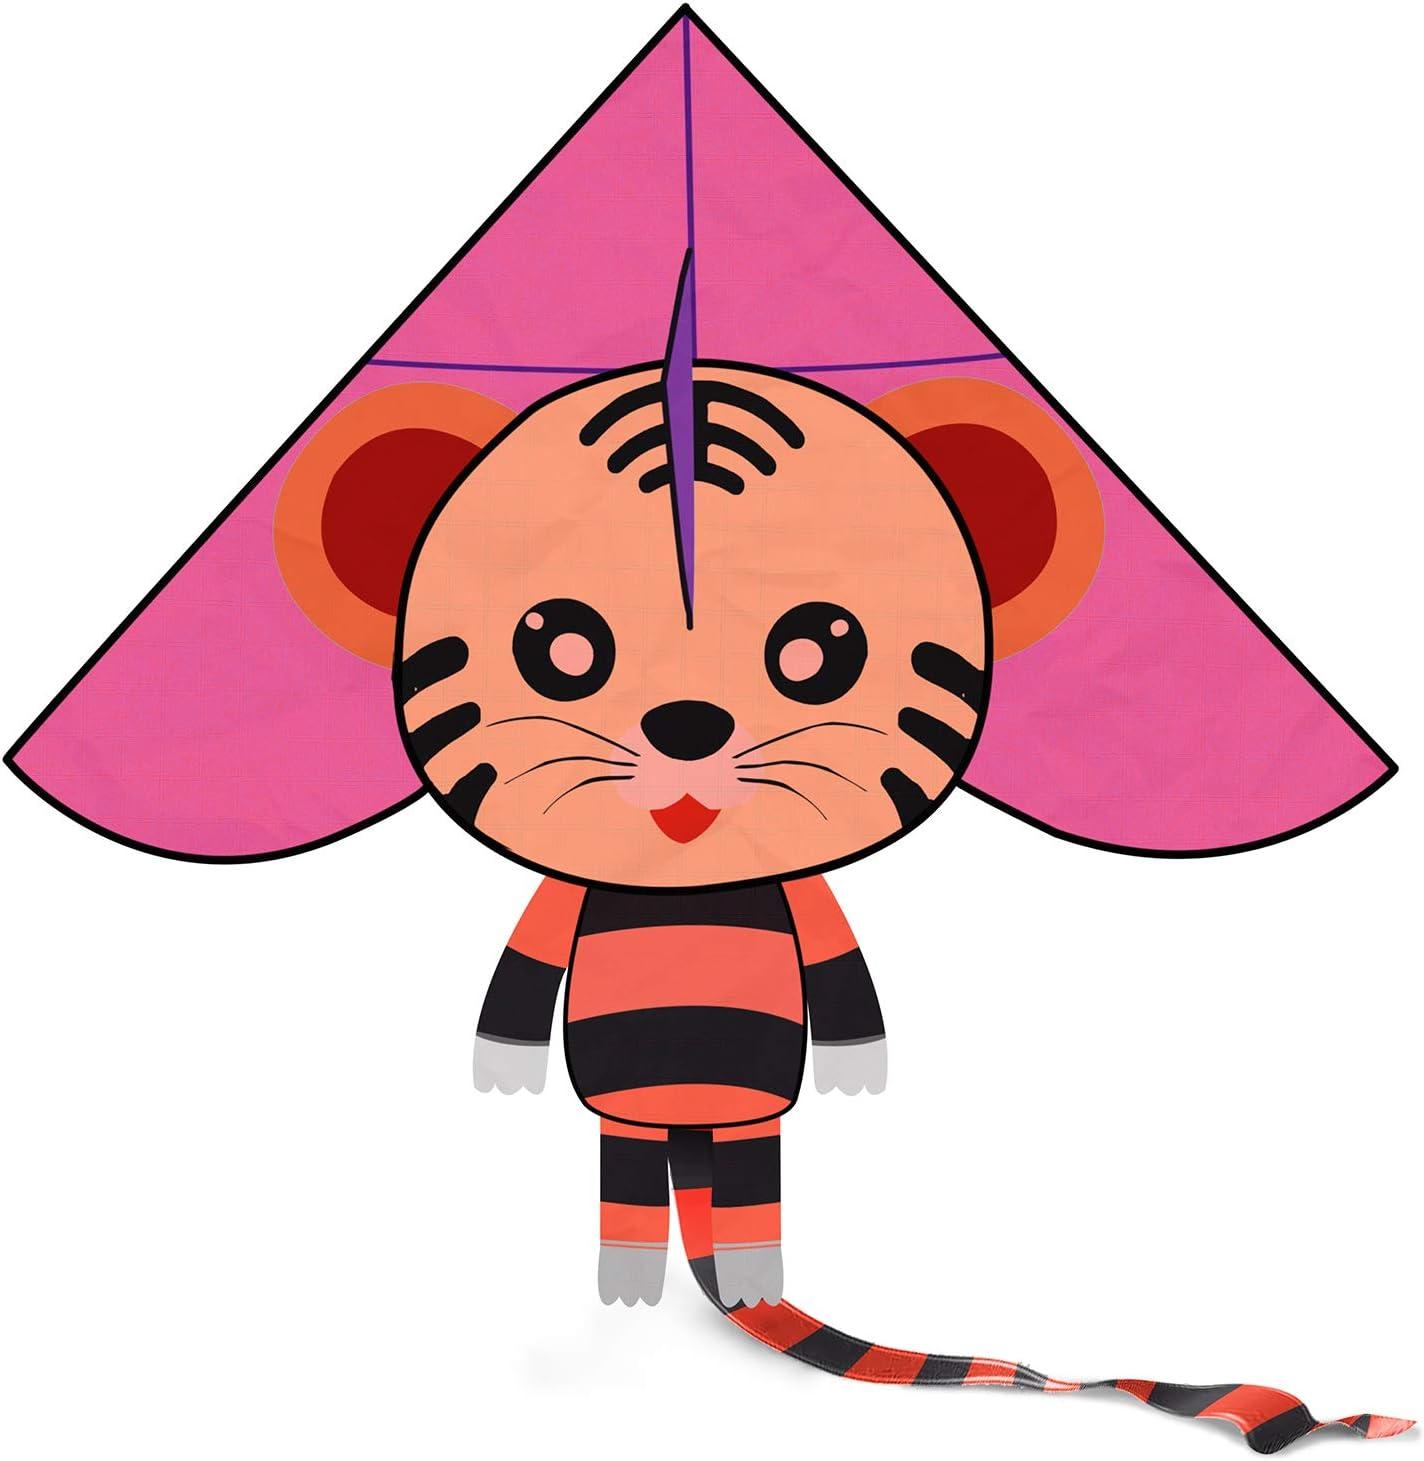 CALESON Enorme Cometa Tigre con Cuerda - Cometa fácil de Volar con Parque de la Playa - Actividades de Juegos al Aire Libre para niños y Adultos(Rosado)